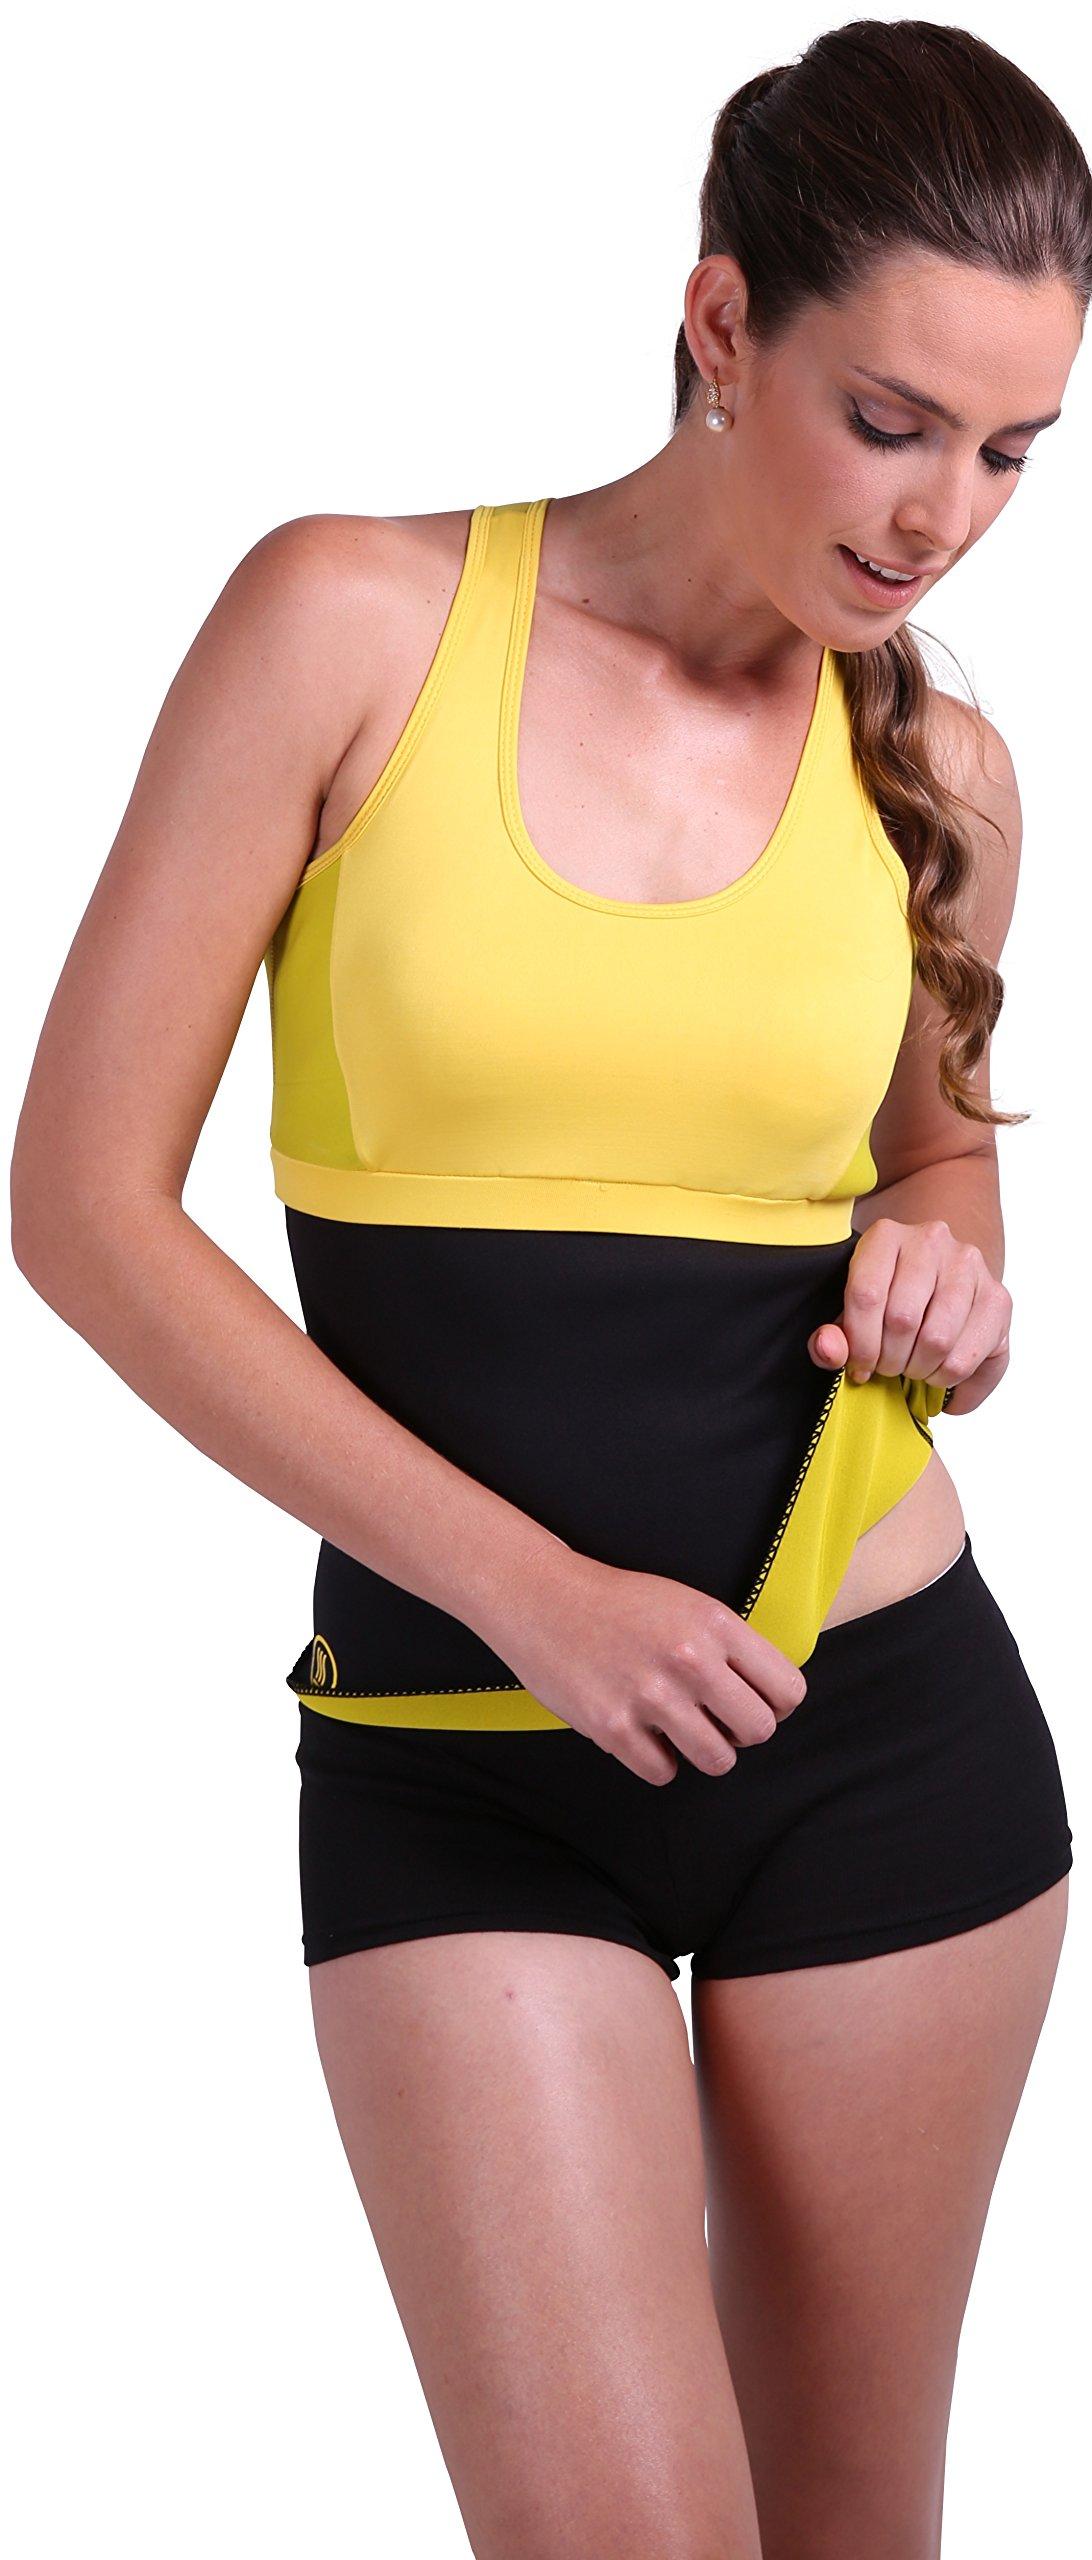 Galleon - Slim Abs Premium Waist Trimmer Belt Sm - Hot Sauna And Belt For Men And -5576